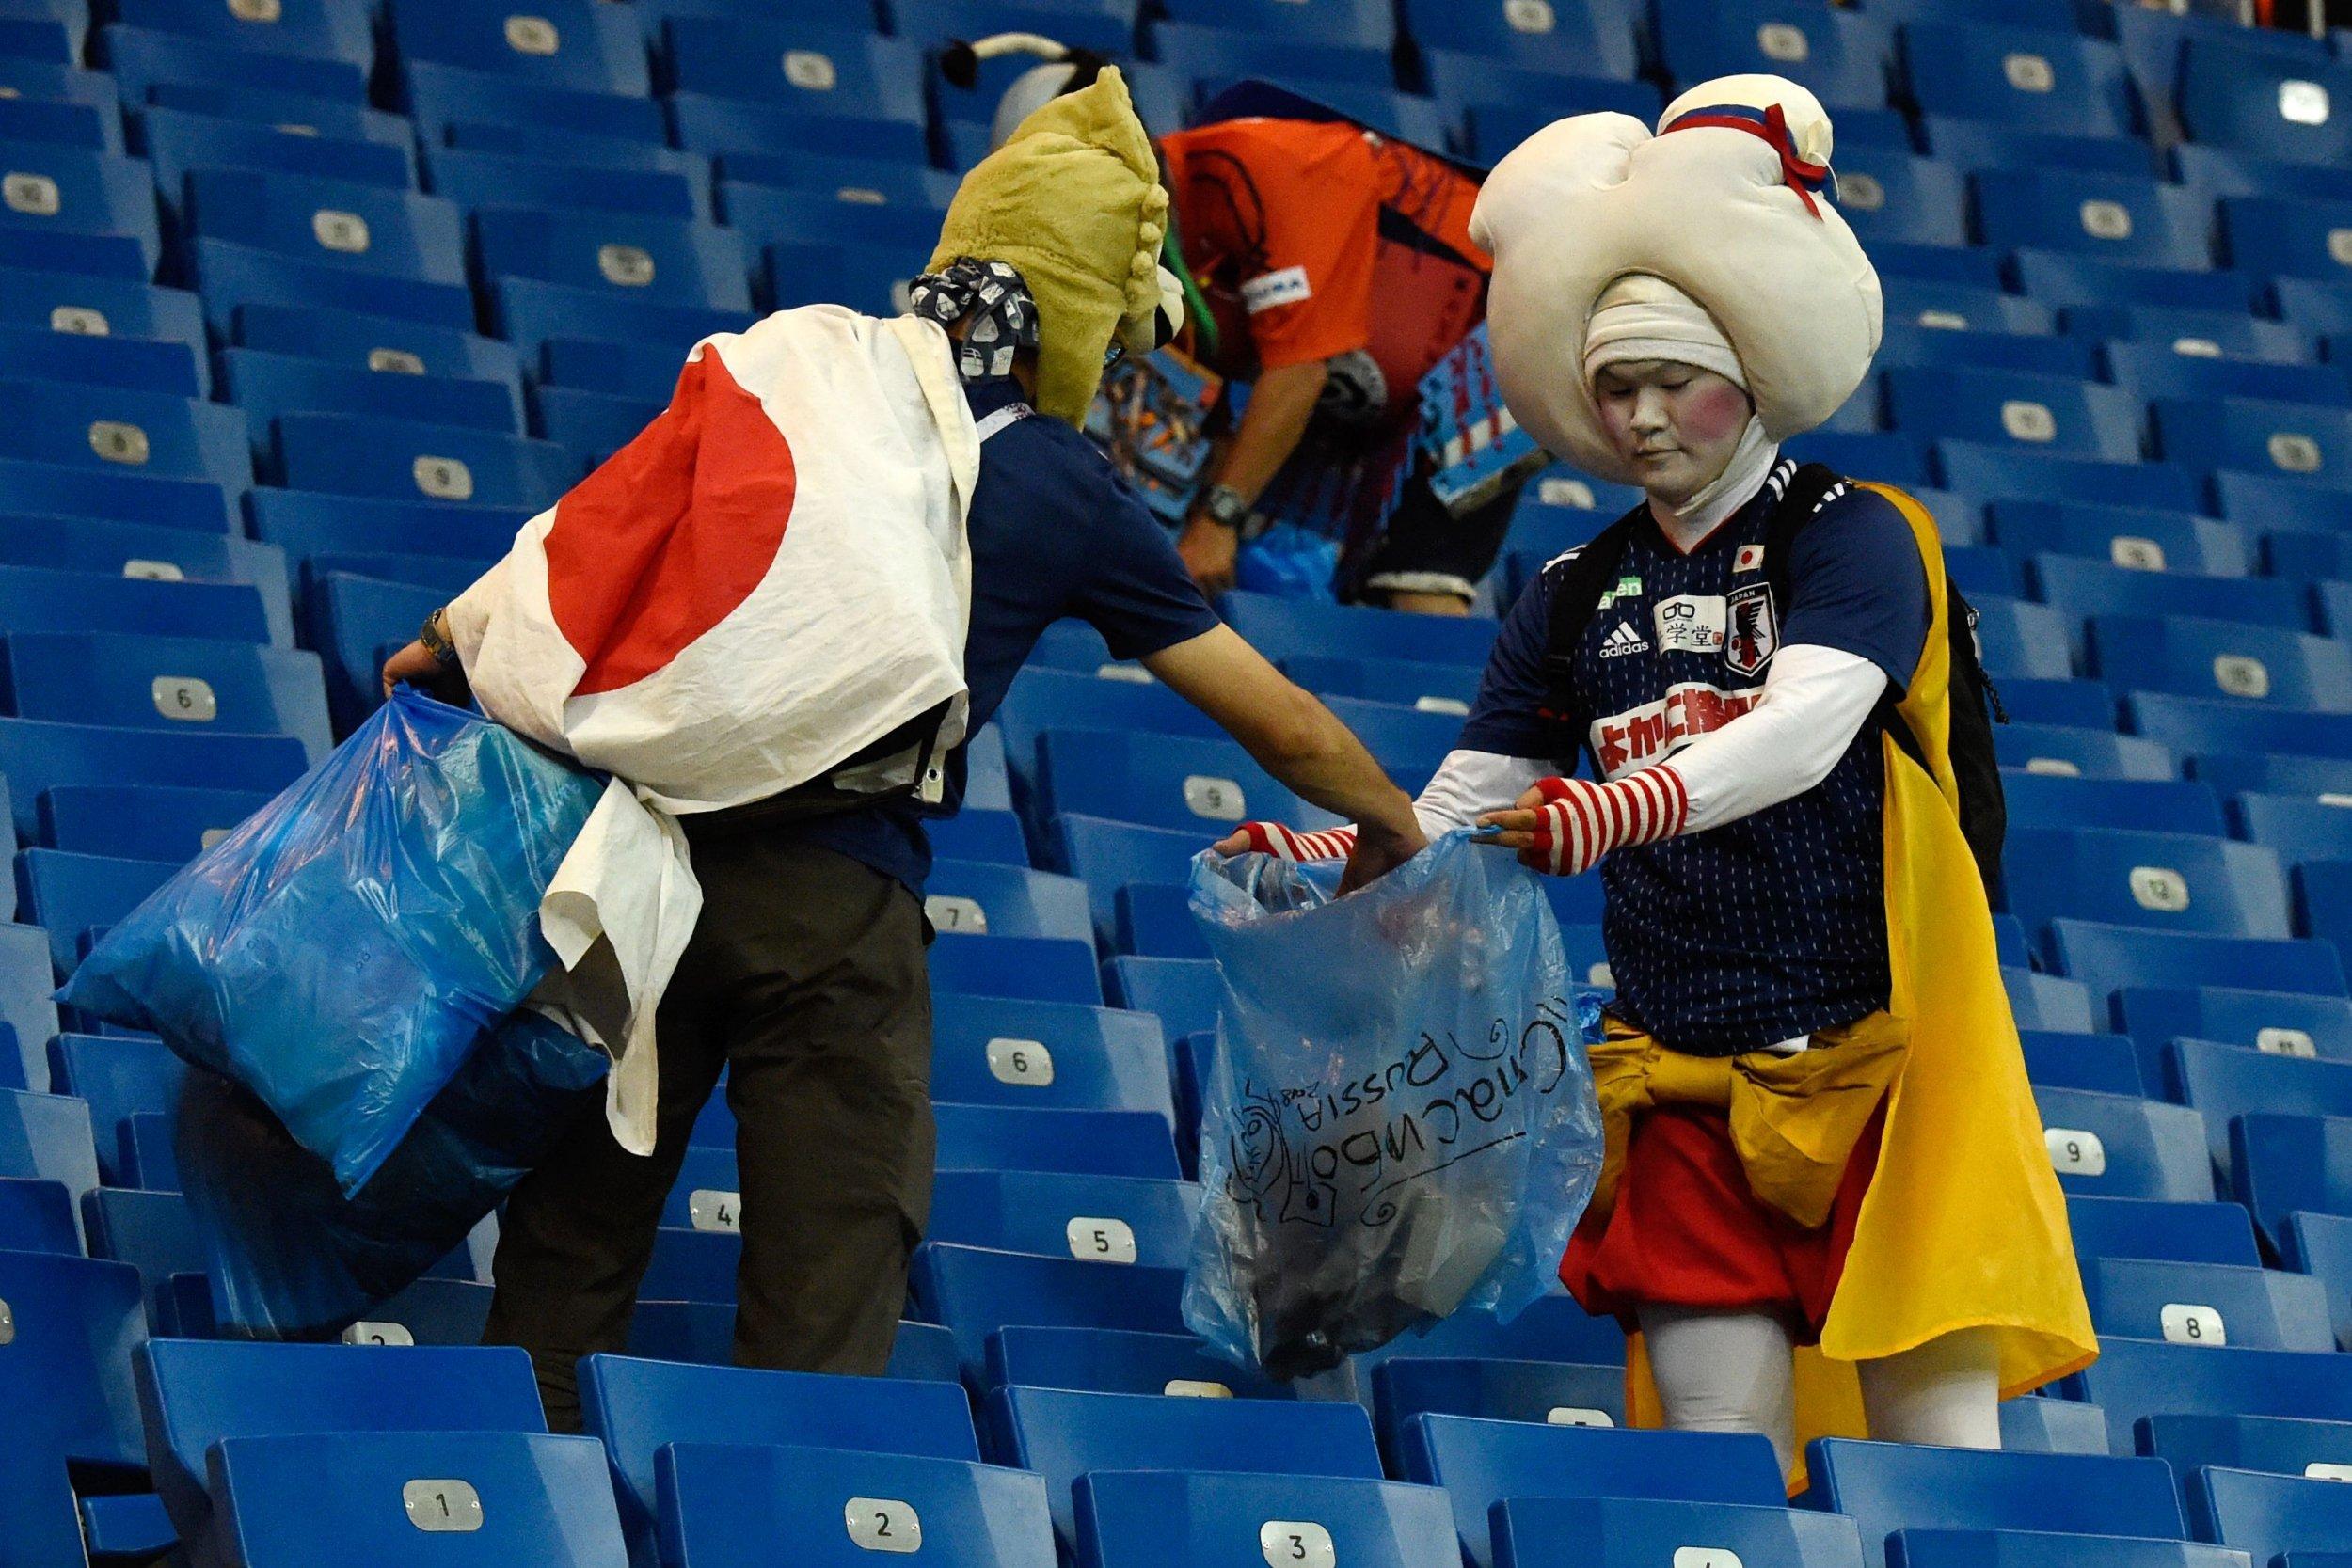 Почему японцы убирают мусор на стадионе даже после поражения